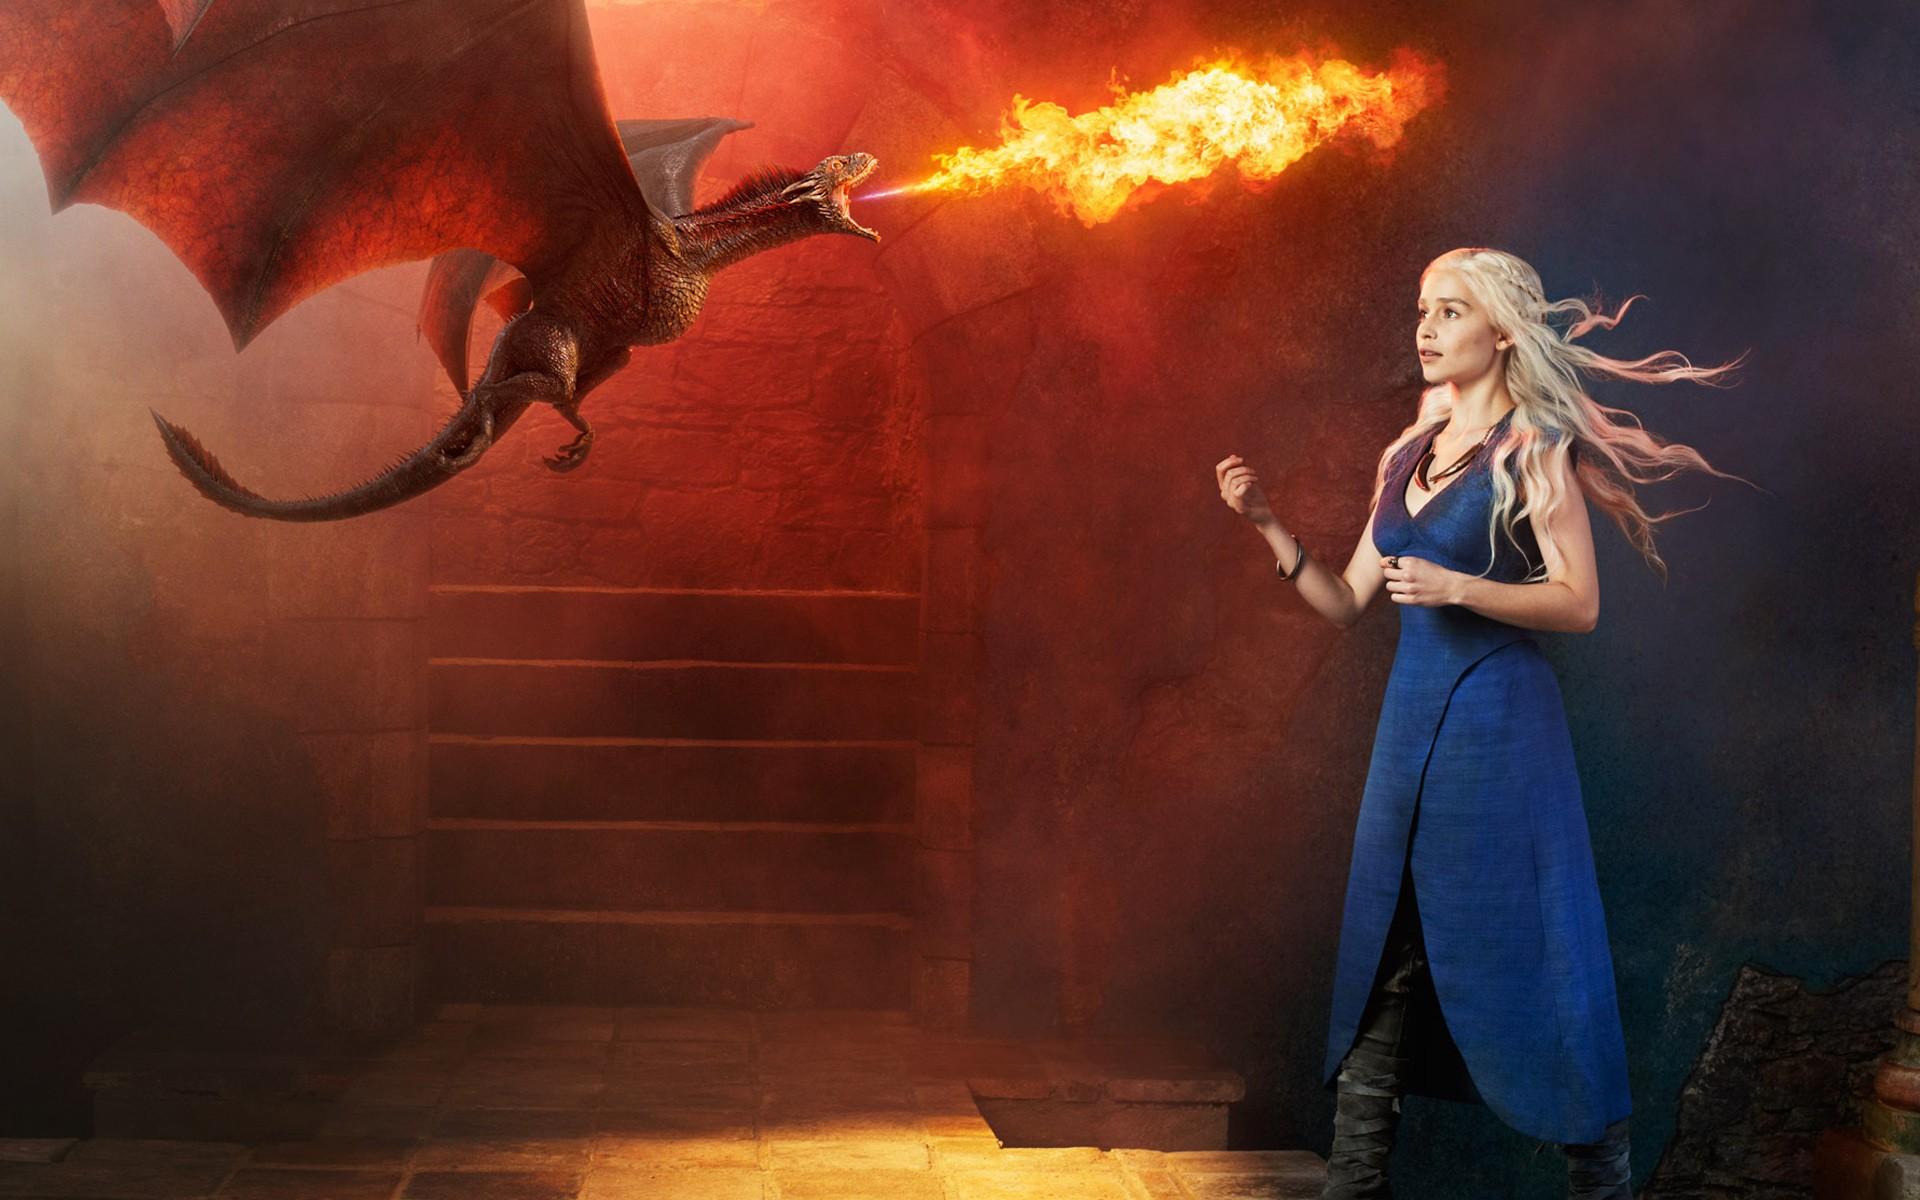 часто обои на рабочий стол дейнерис с драконами легендарной